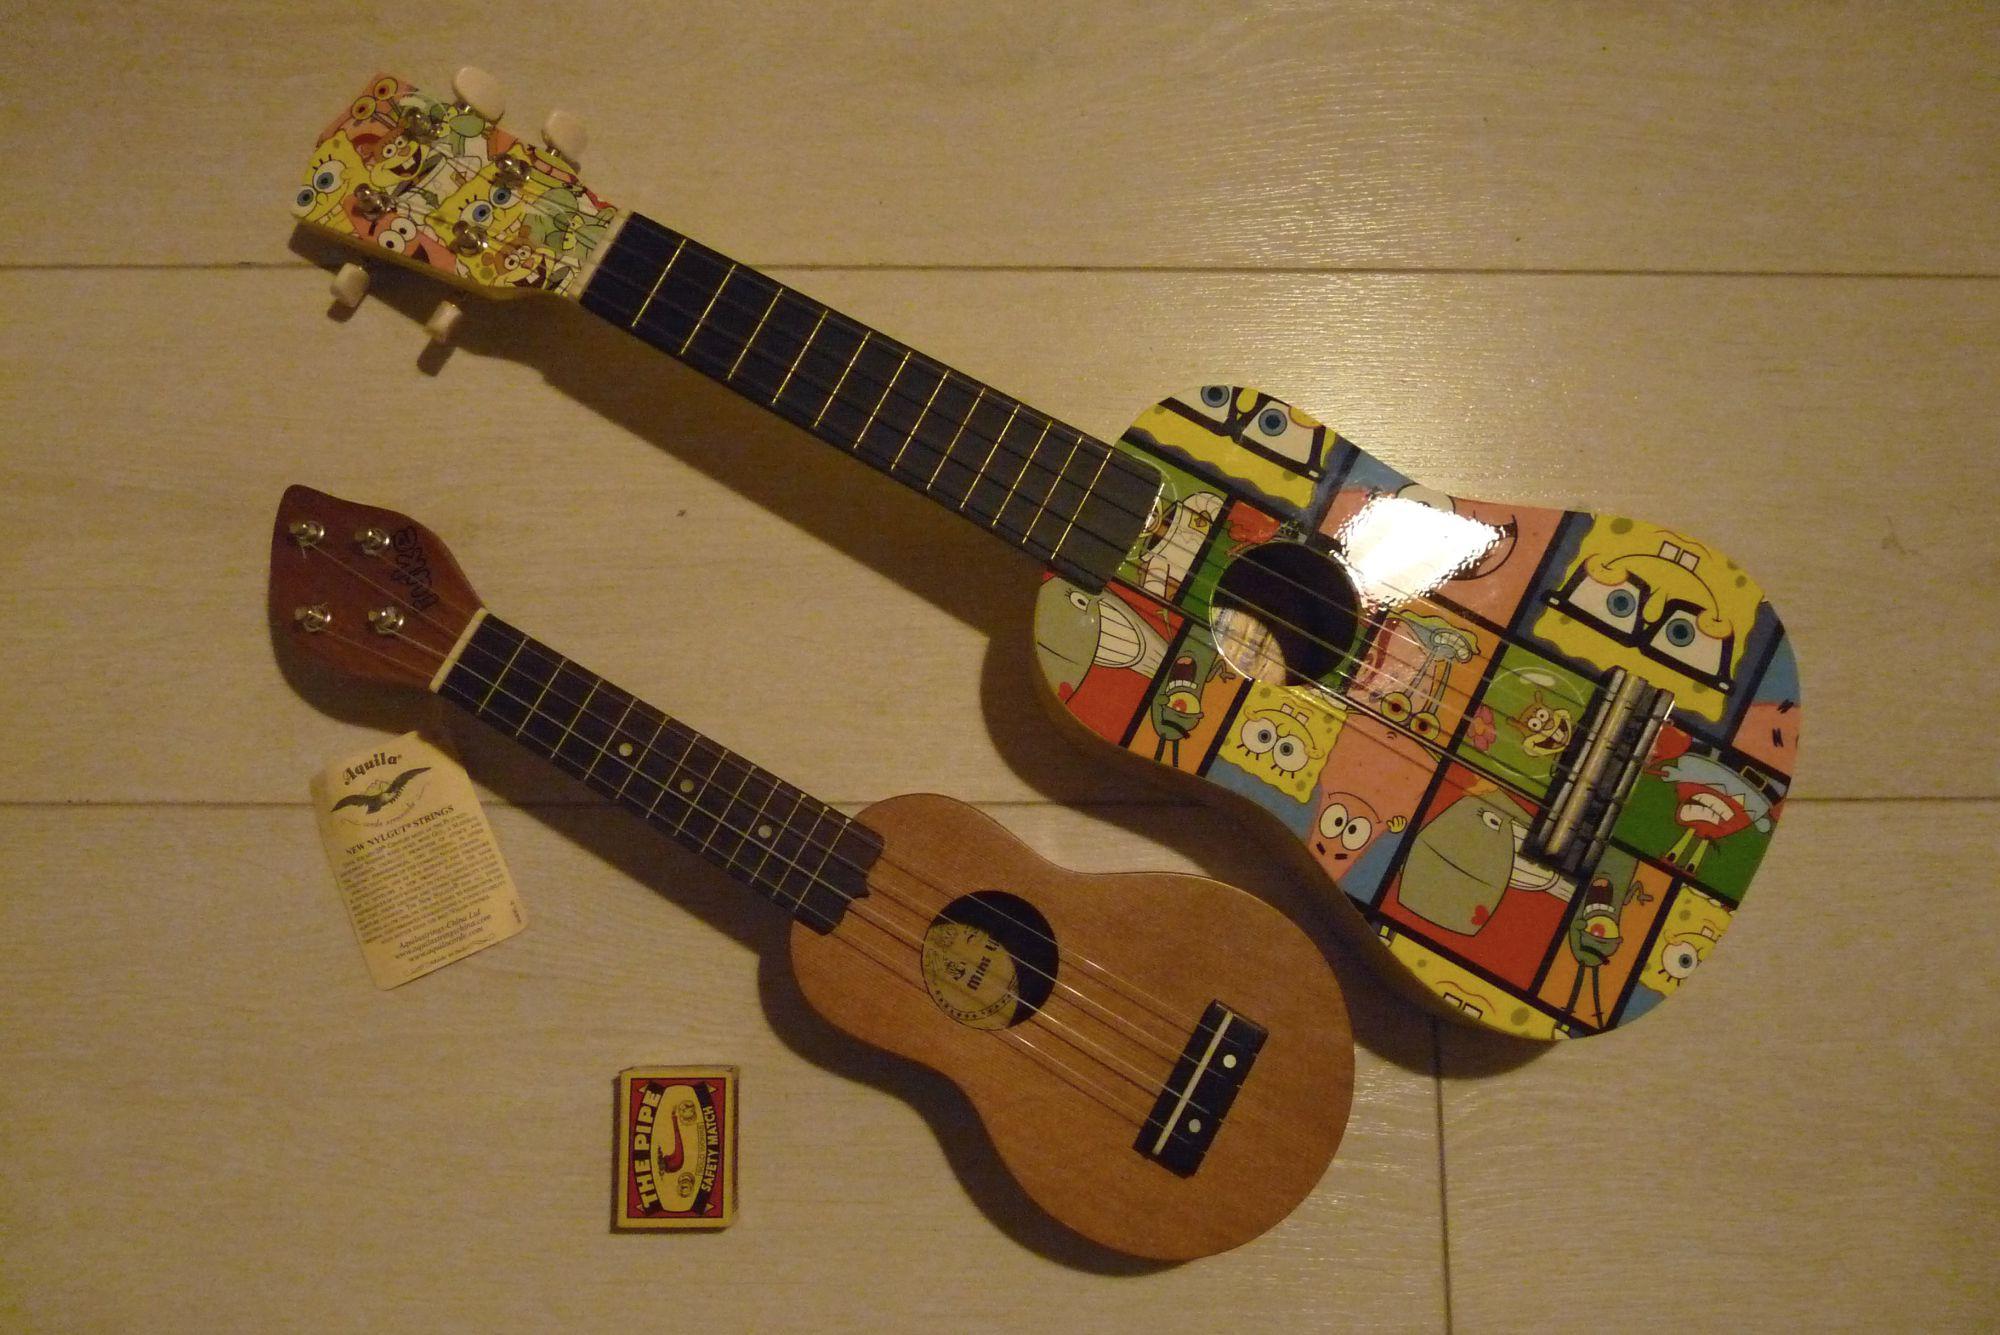 Kapesní ukulele ve srovnání s klasickým sopránovým ukulele.